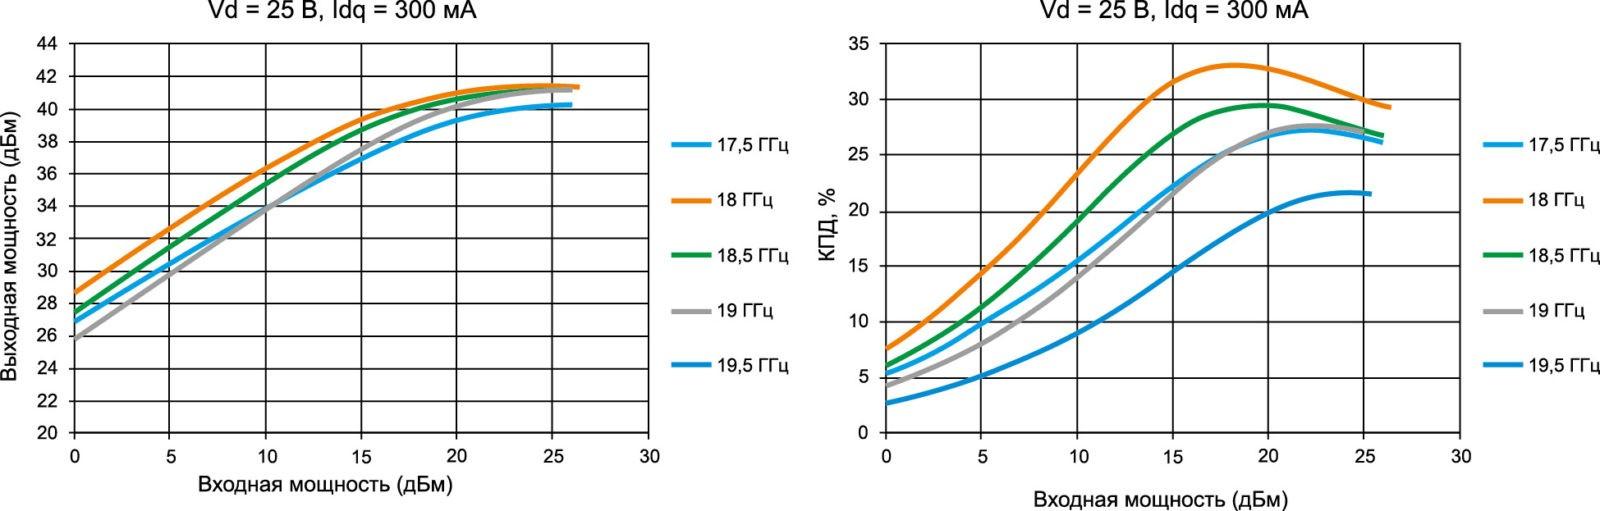 Выходная мощность (дБм) и КПД (%) в зависимости от выходной мощности в диапазоне частот 17,5–19,5 ГГц